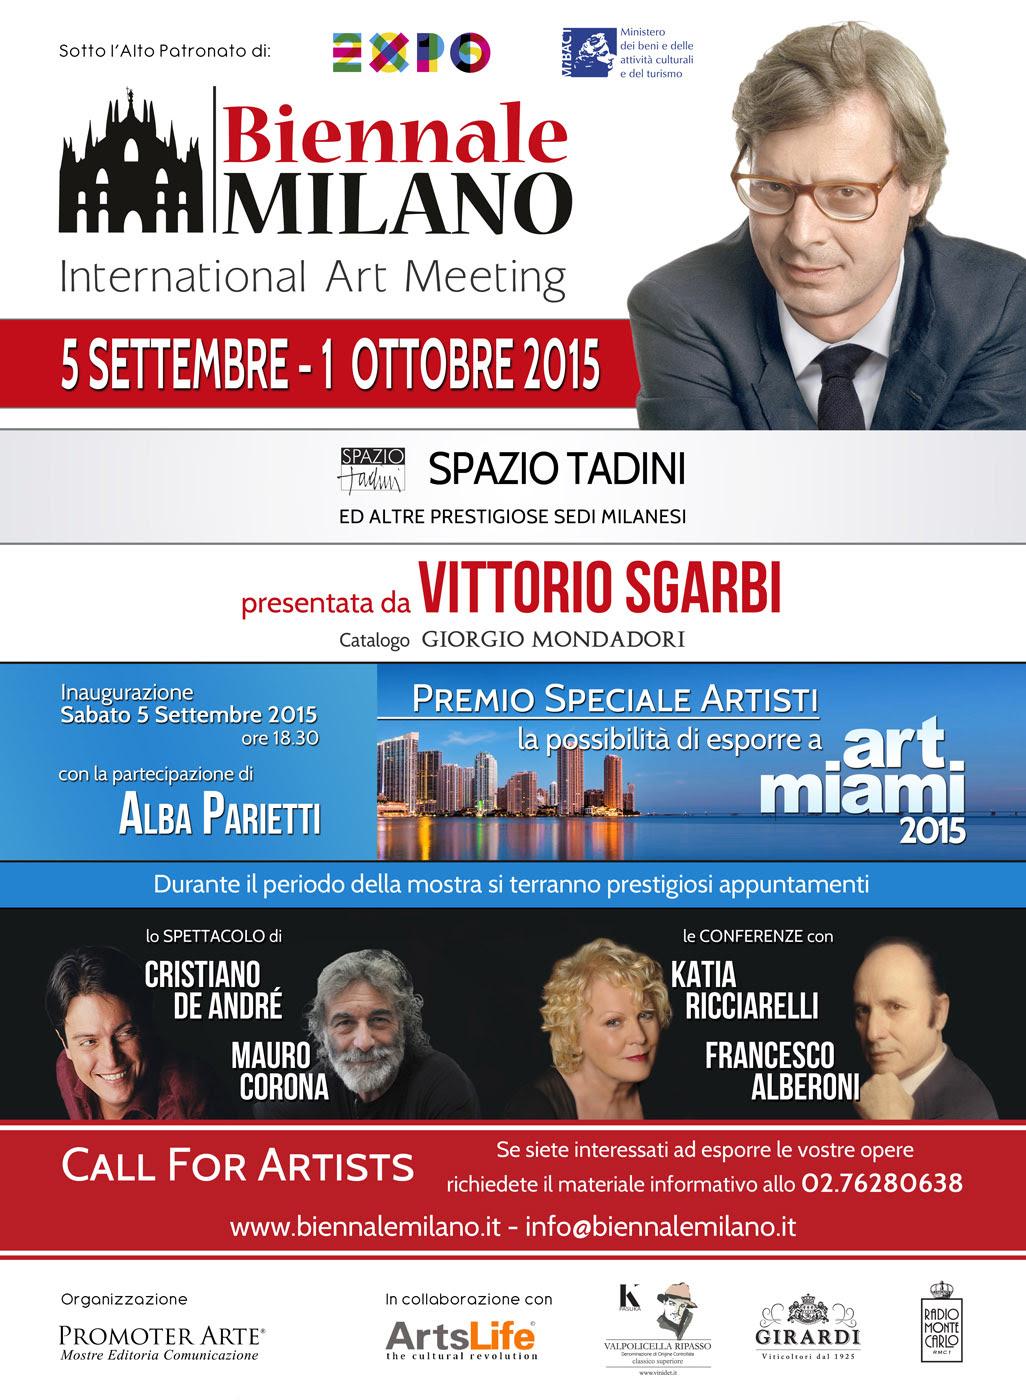 In arrivo la Biennale Milano da Spazio Tadini